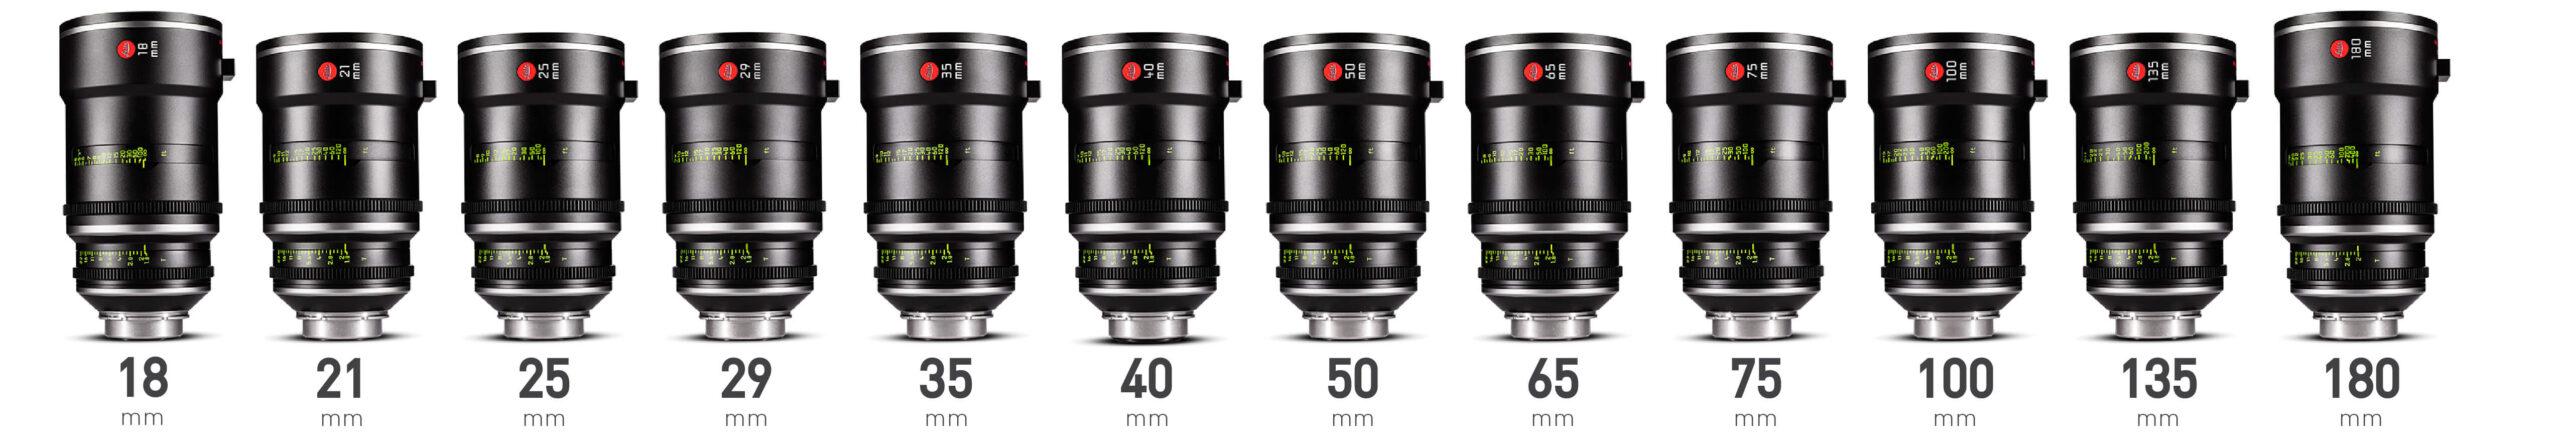 Leitz Prime full frame lenses